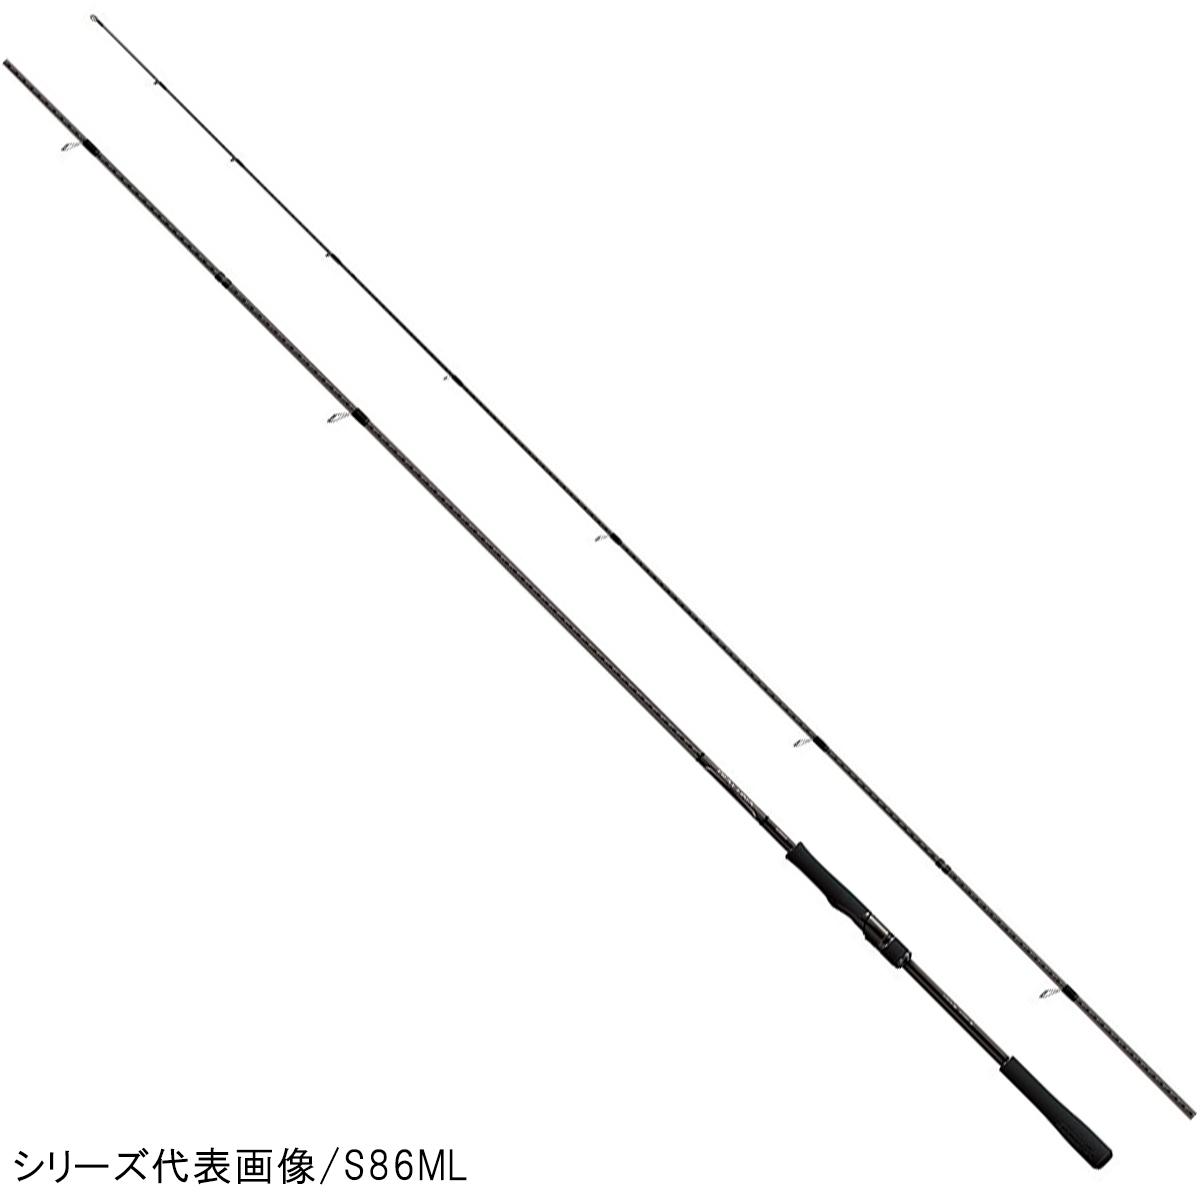 シマノ ディアルーナ (スピニング) S100ML【大型商品】(東日本店)